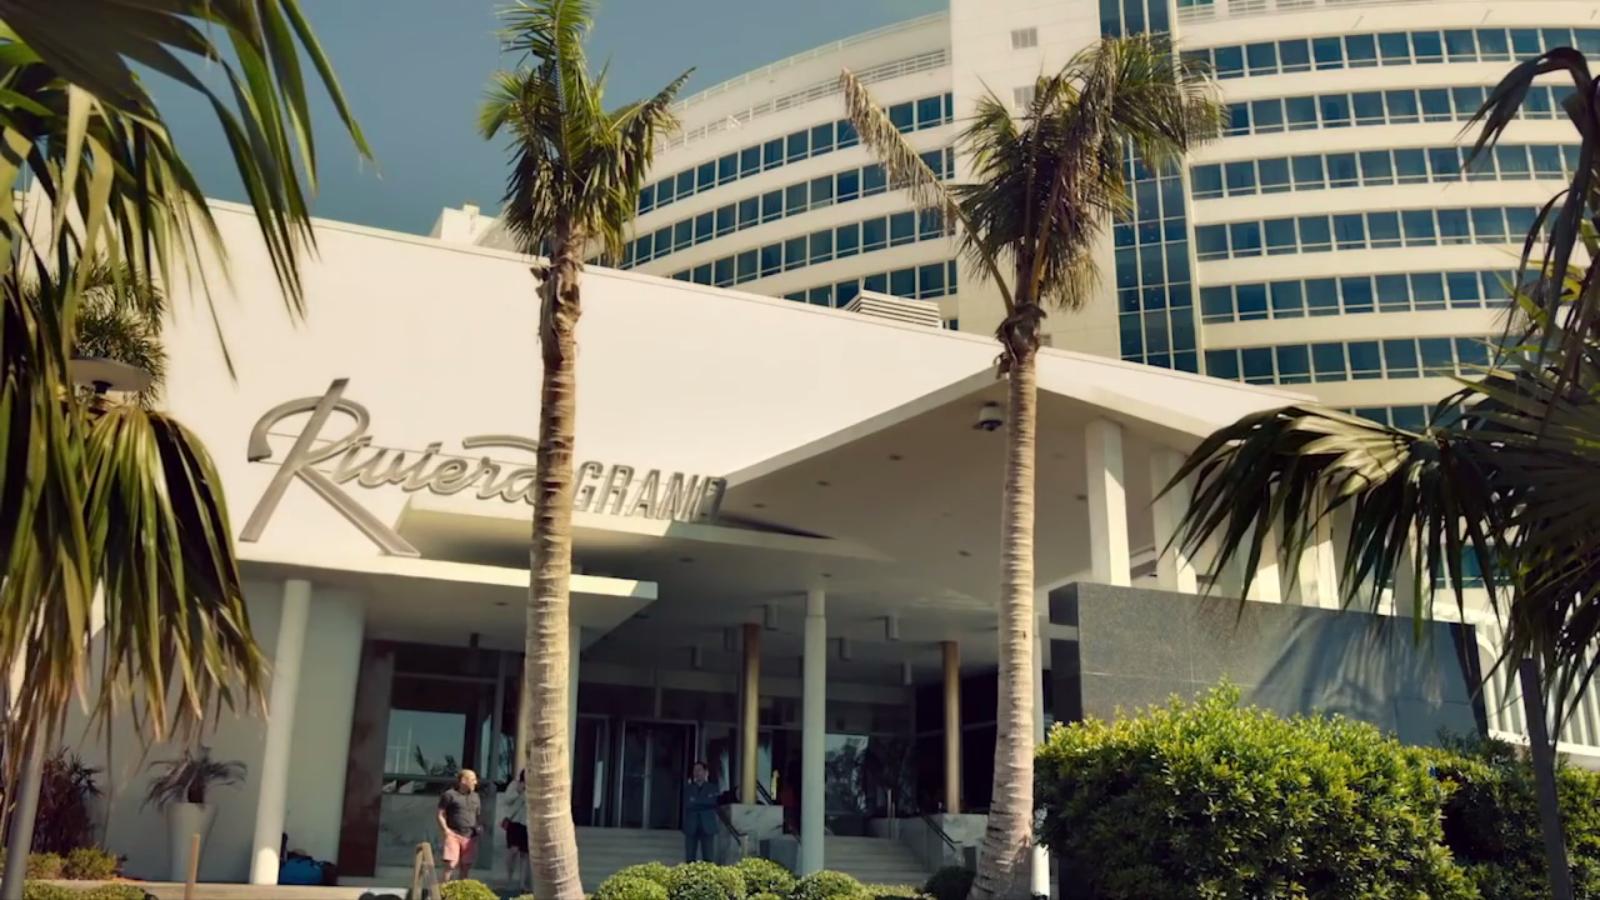 Riviera Grand Grand Hotel Wiki Fandom